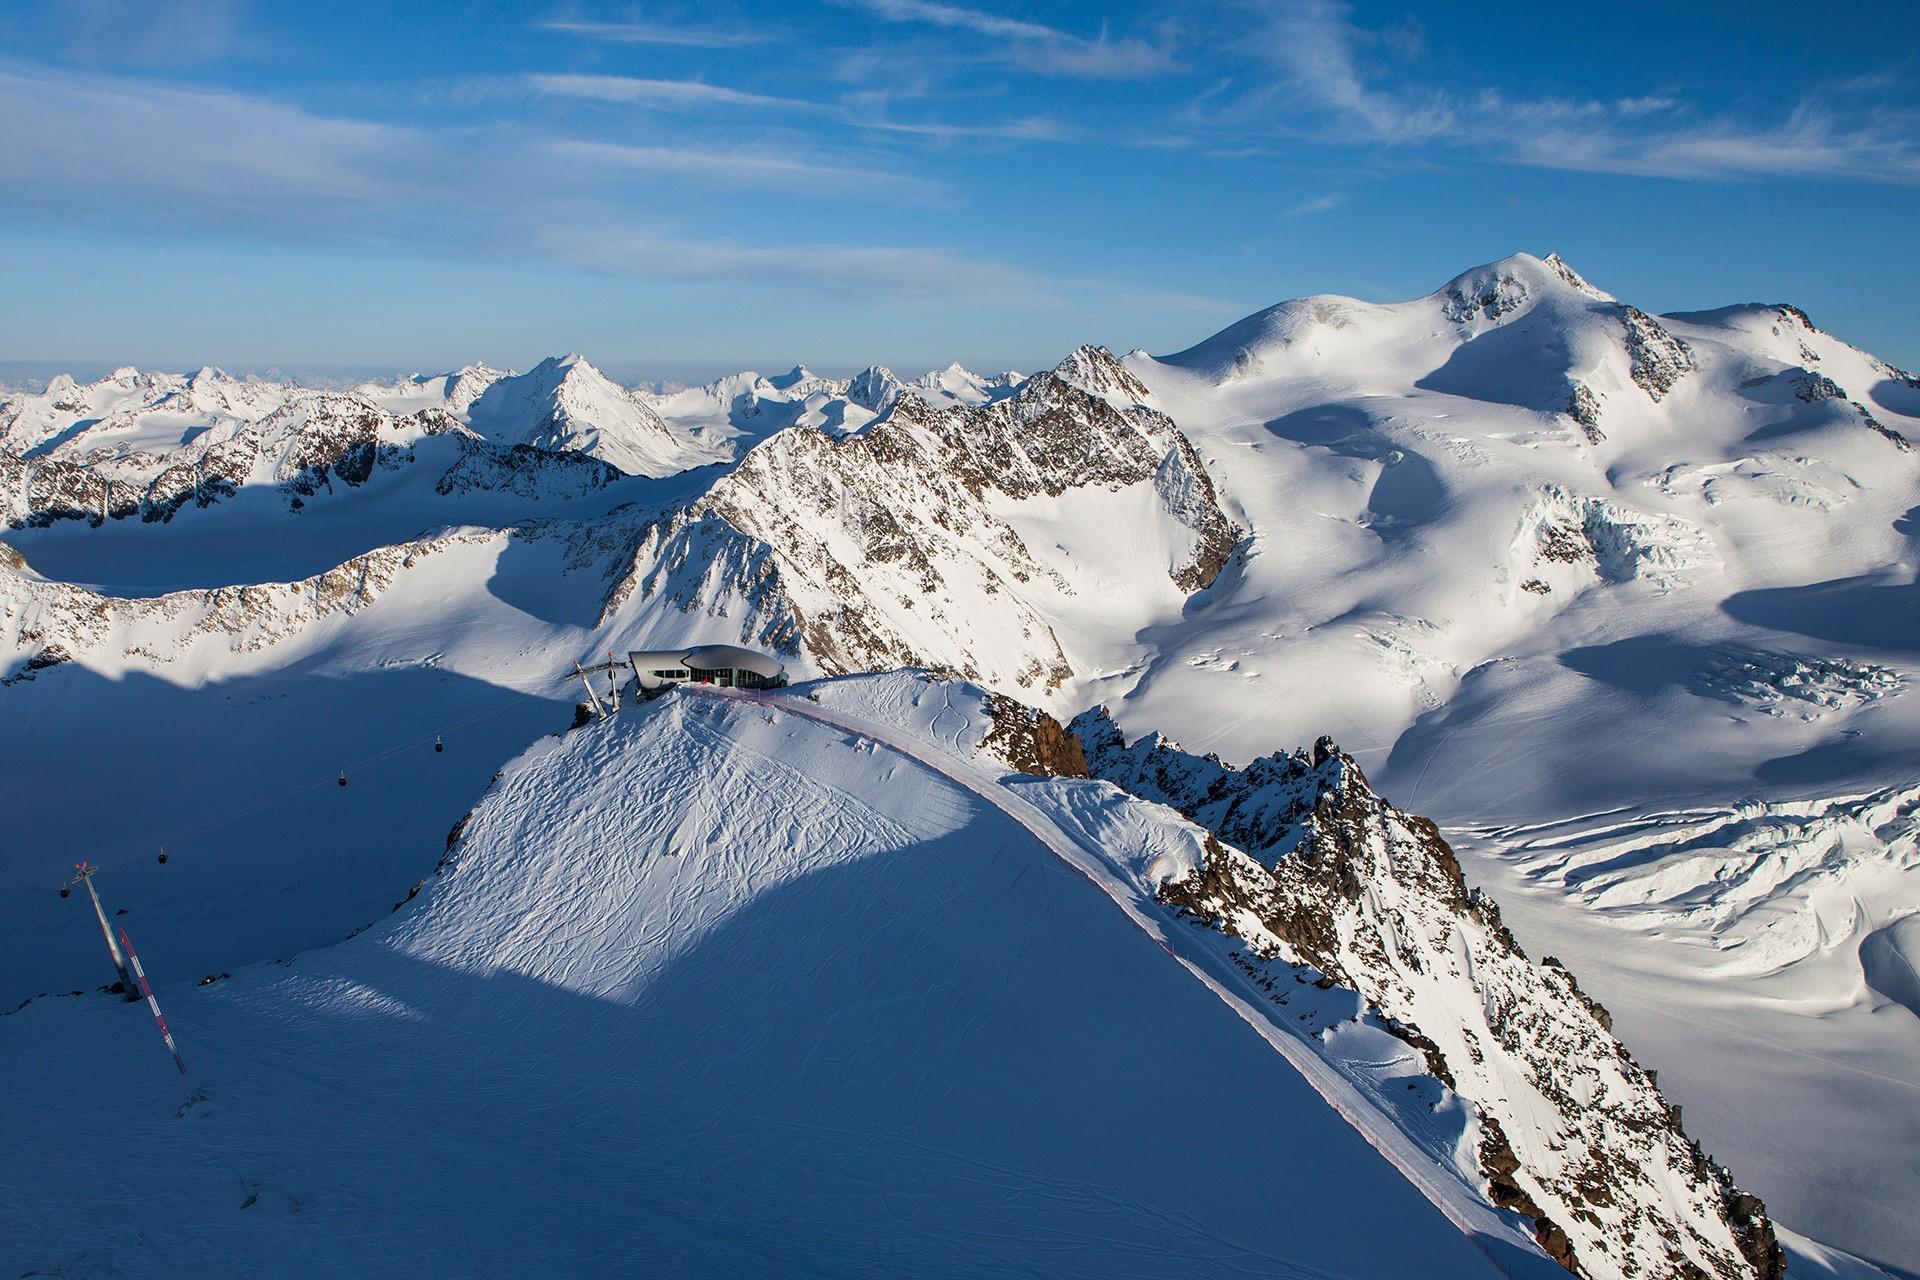 Klettergurt Für Gletscher : Wildspitzbahn: die höchste seilbahn │pitztal